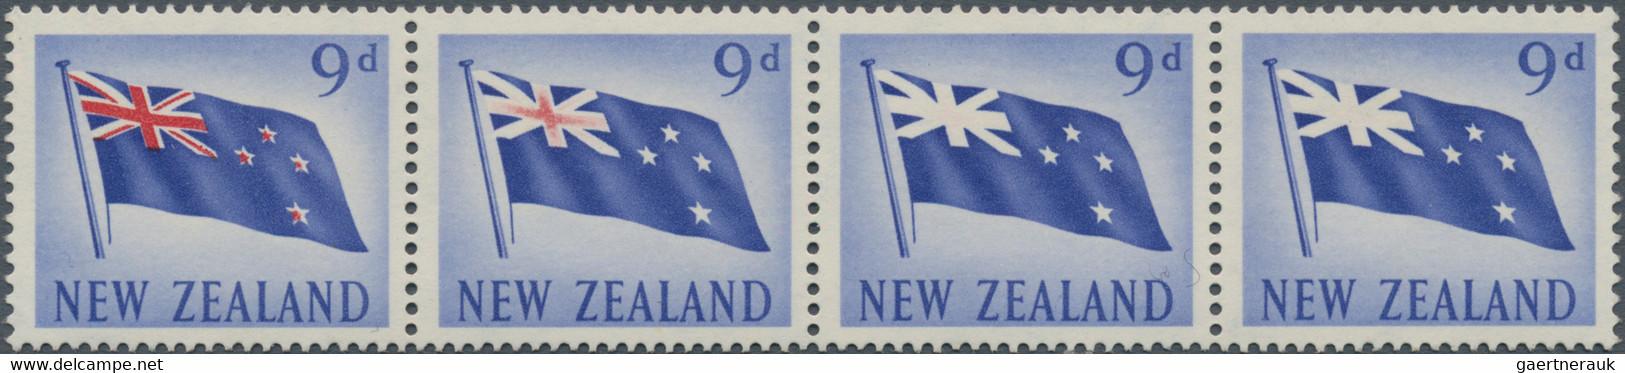 Neuseeland: 1960, 9 P. Nationalflagge Im Postfr. Waager. 4er-Streifen Mit Von Links Nach Rechts Abne - Ongebruikt